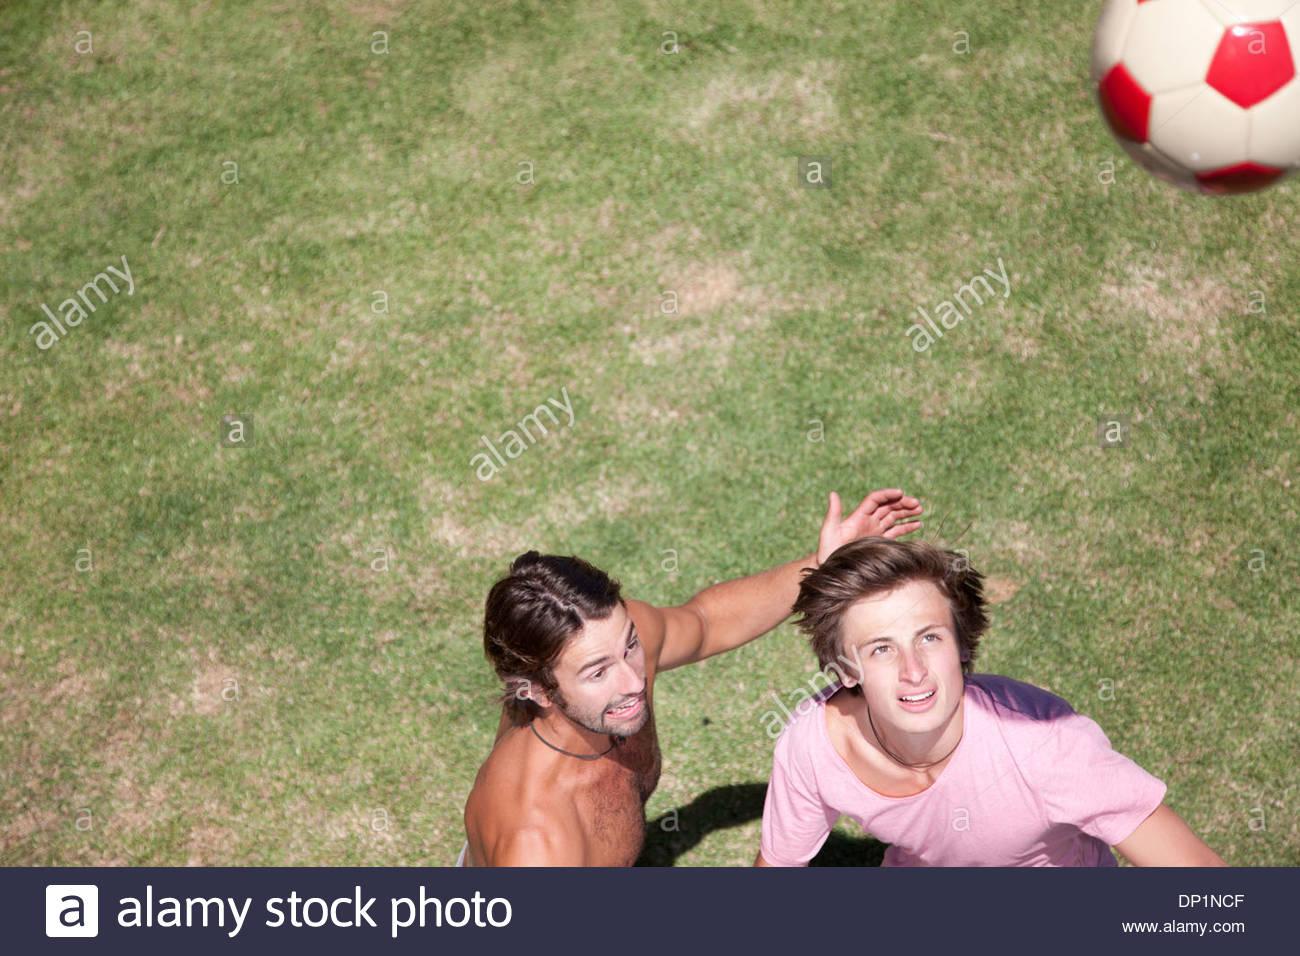 Los hombres jugando al fútbol sobre el césped Imagen De Stock